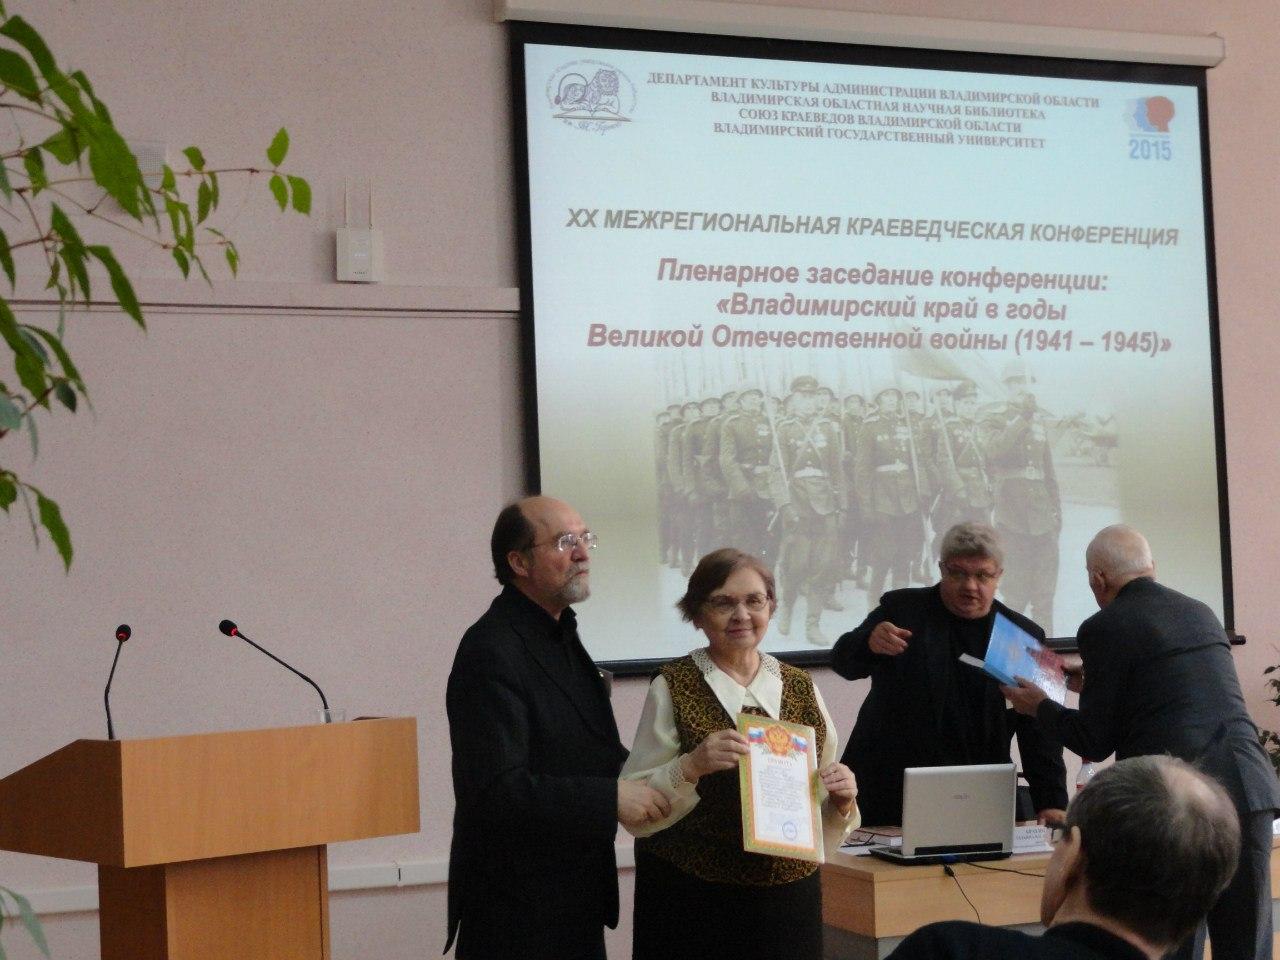 Председатель Союза краеведов России В.Ф. Козлов вручает почётную грамоту В.И. Титовой.